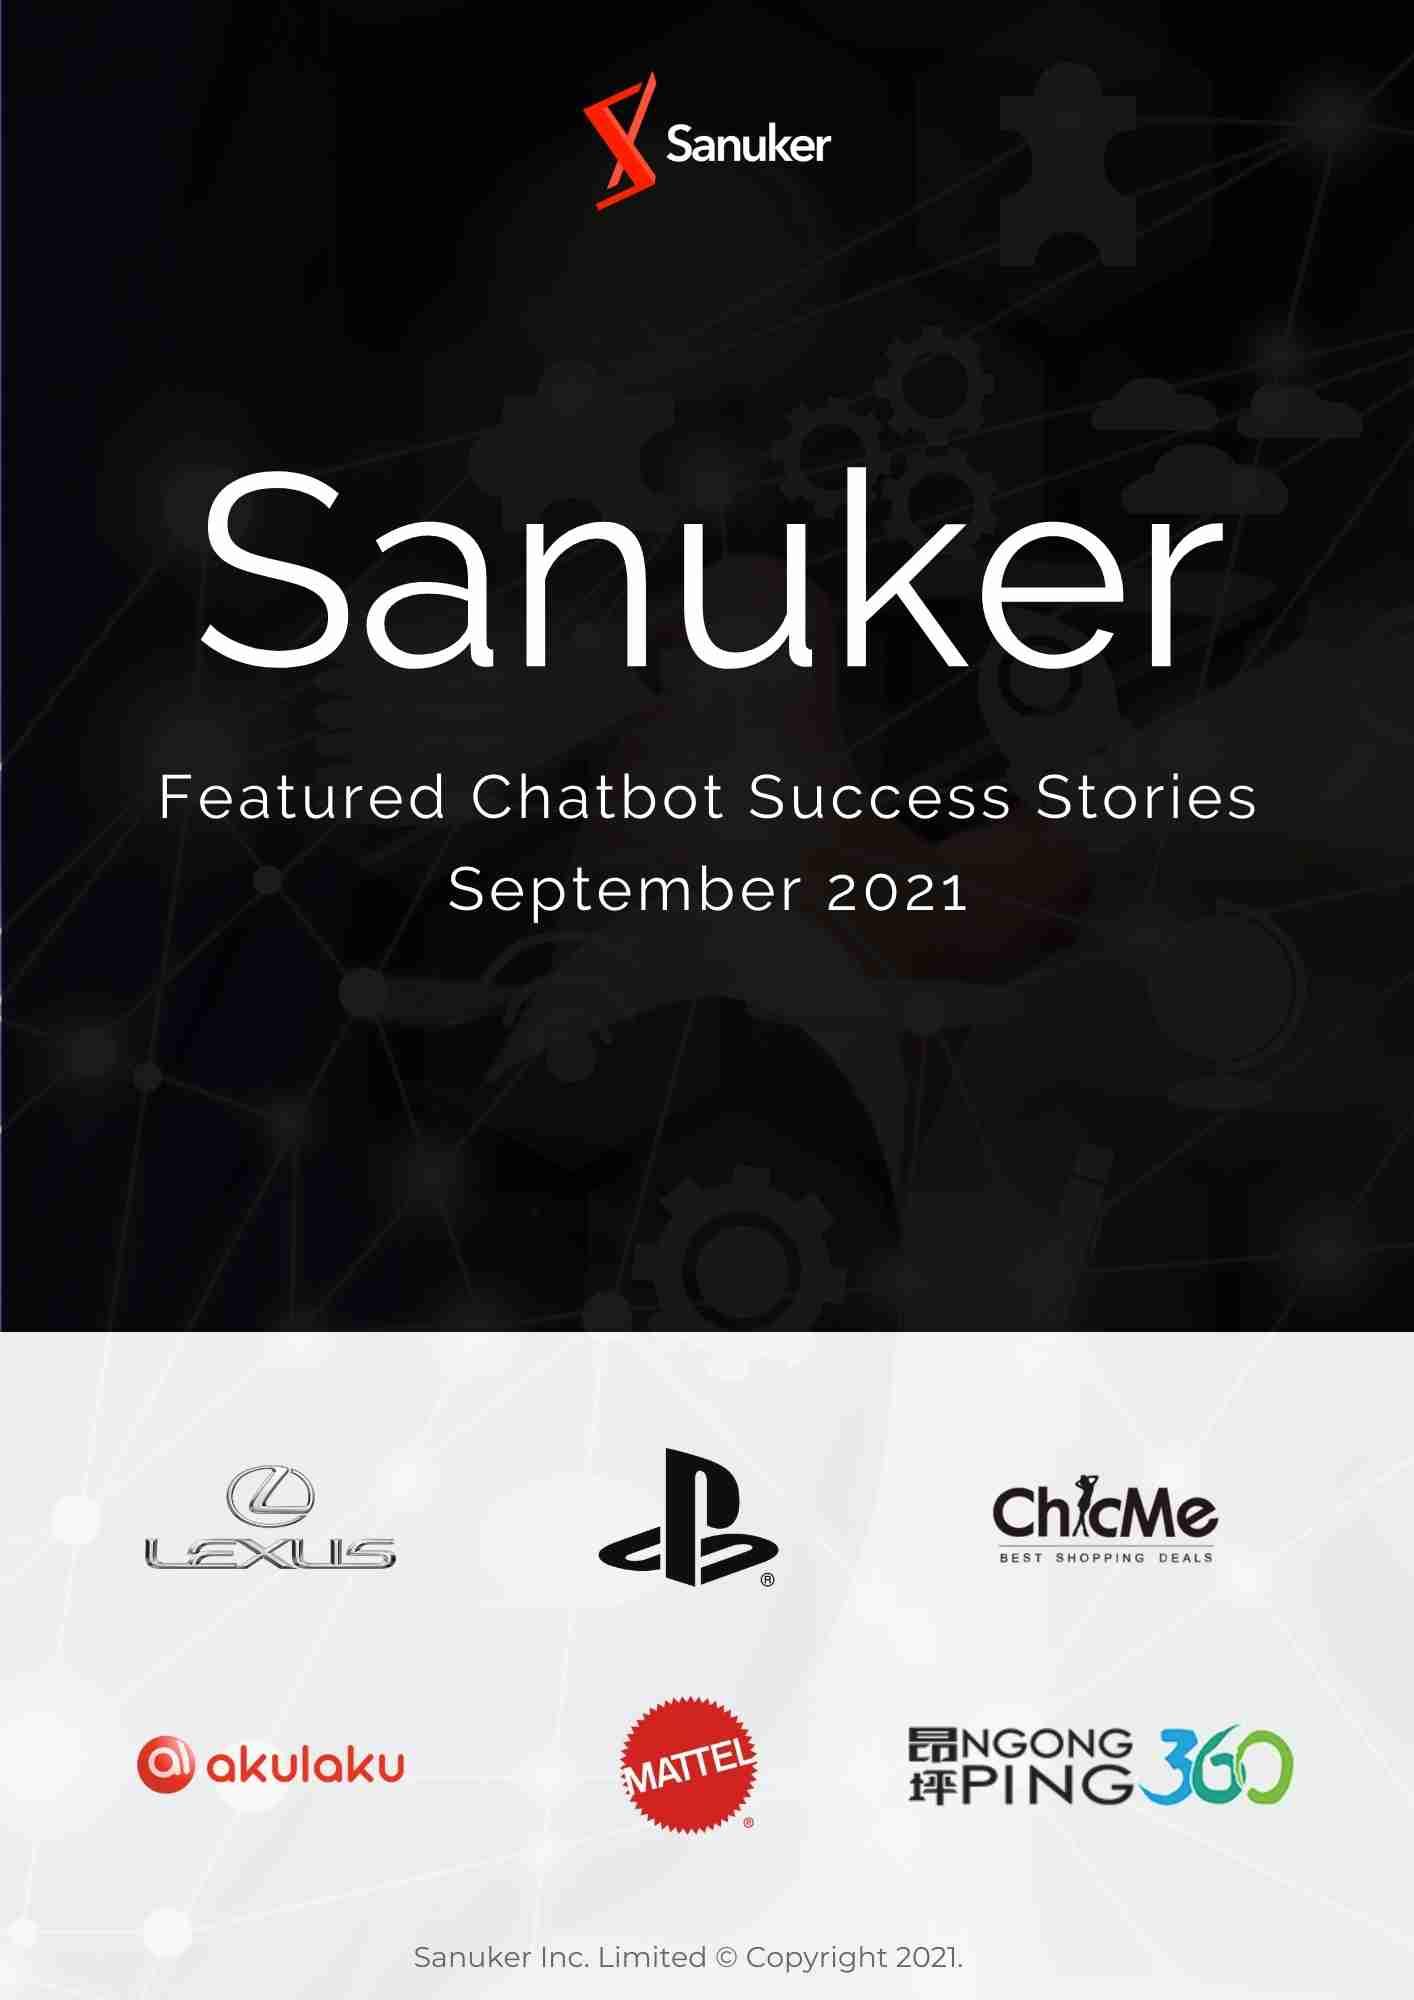 Sanuker - Featured Success Stories September 2021